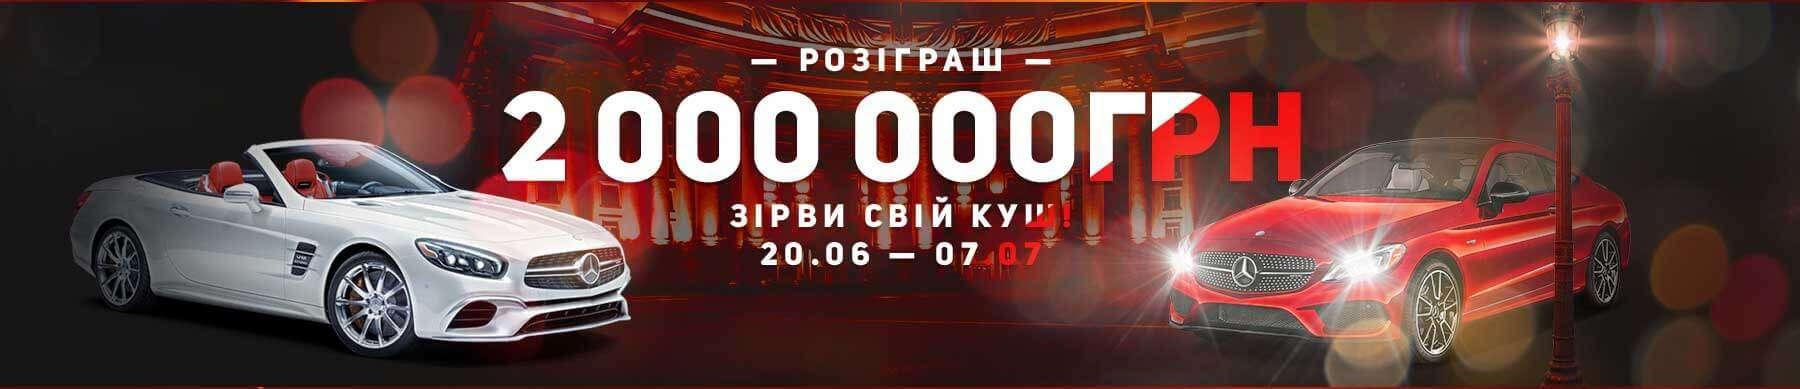 Розыгрыш 2000000 гривен